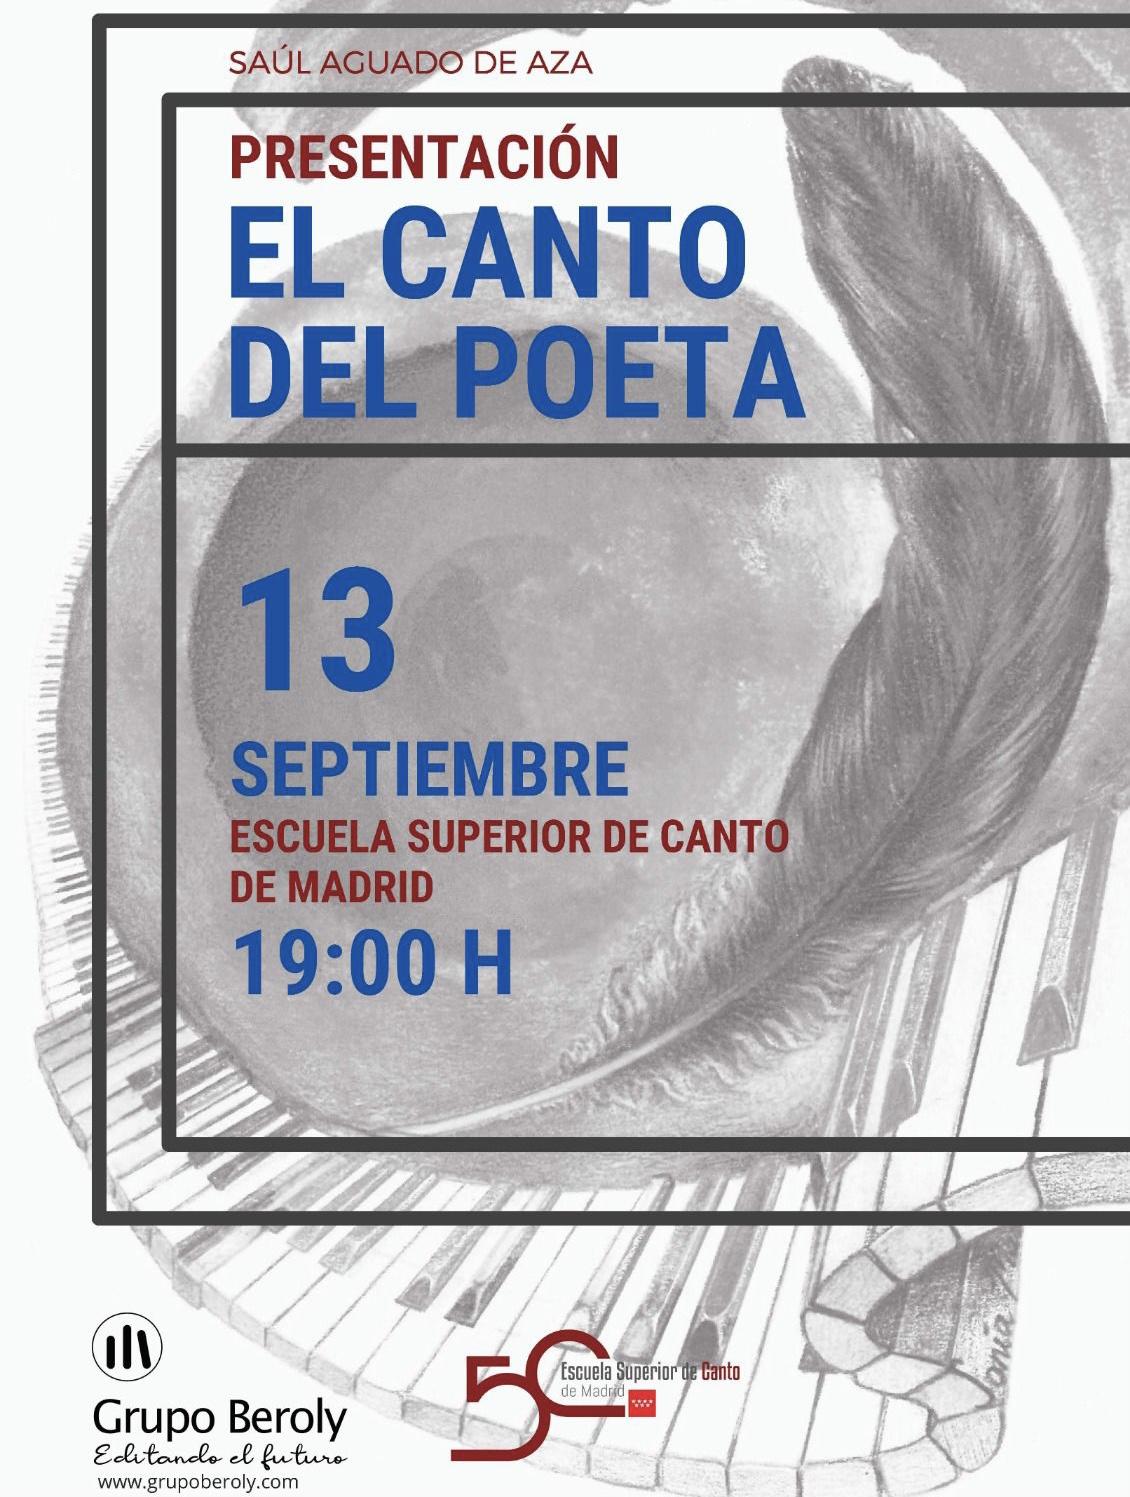 Cartel publicitario de la presentación de EL CANTO DEL POETA